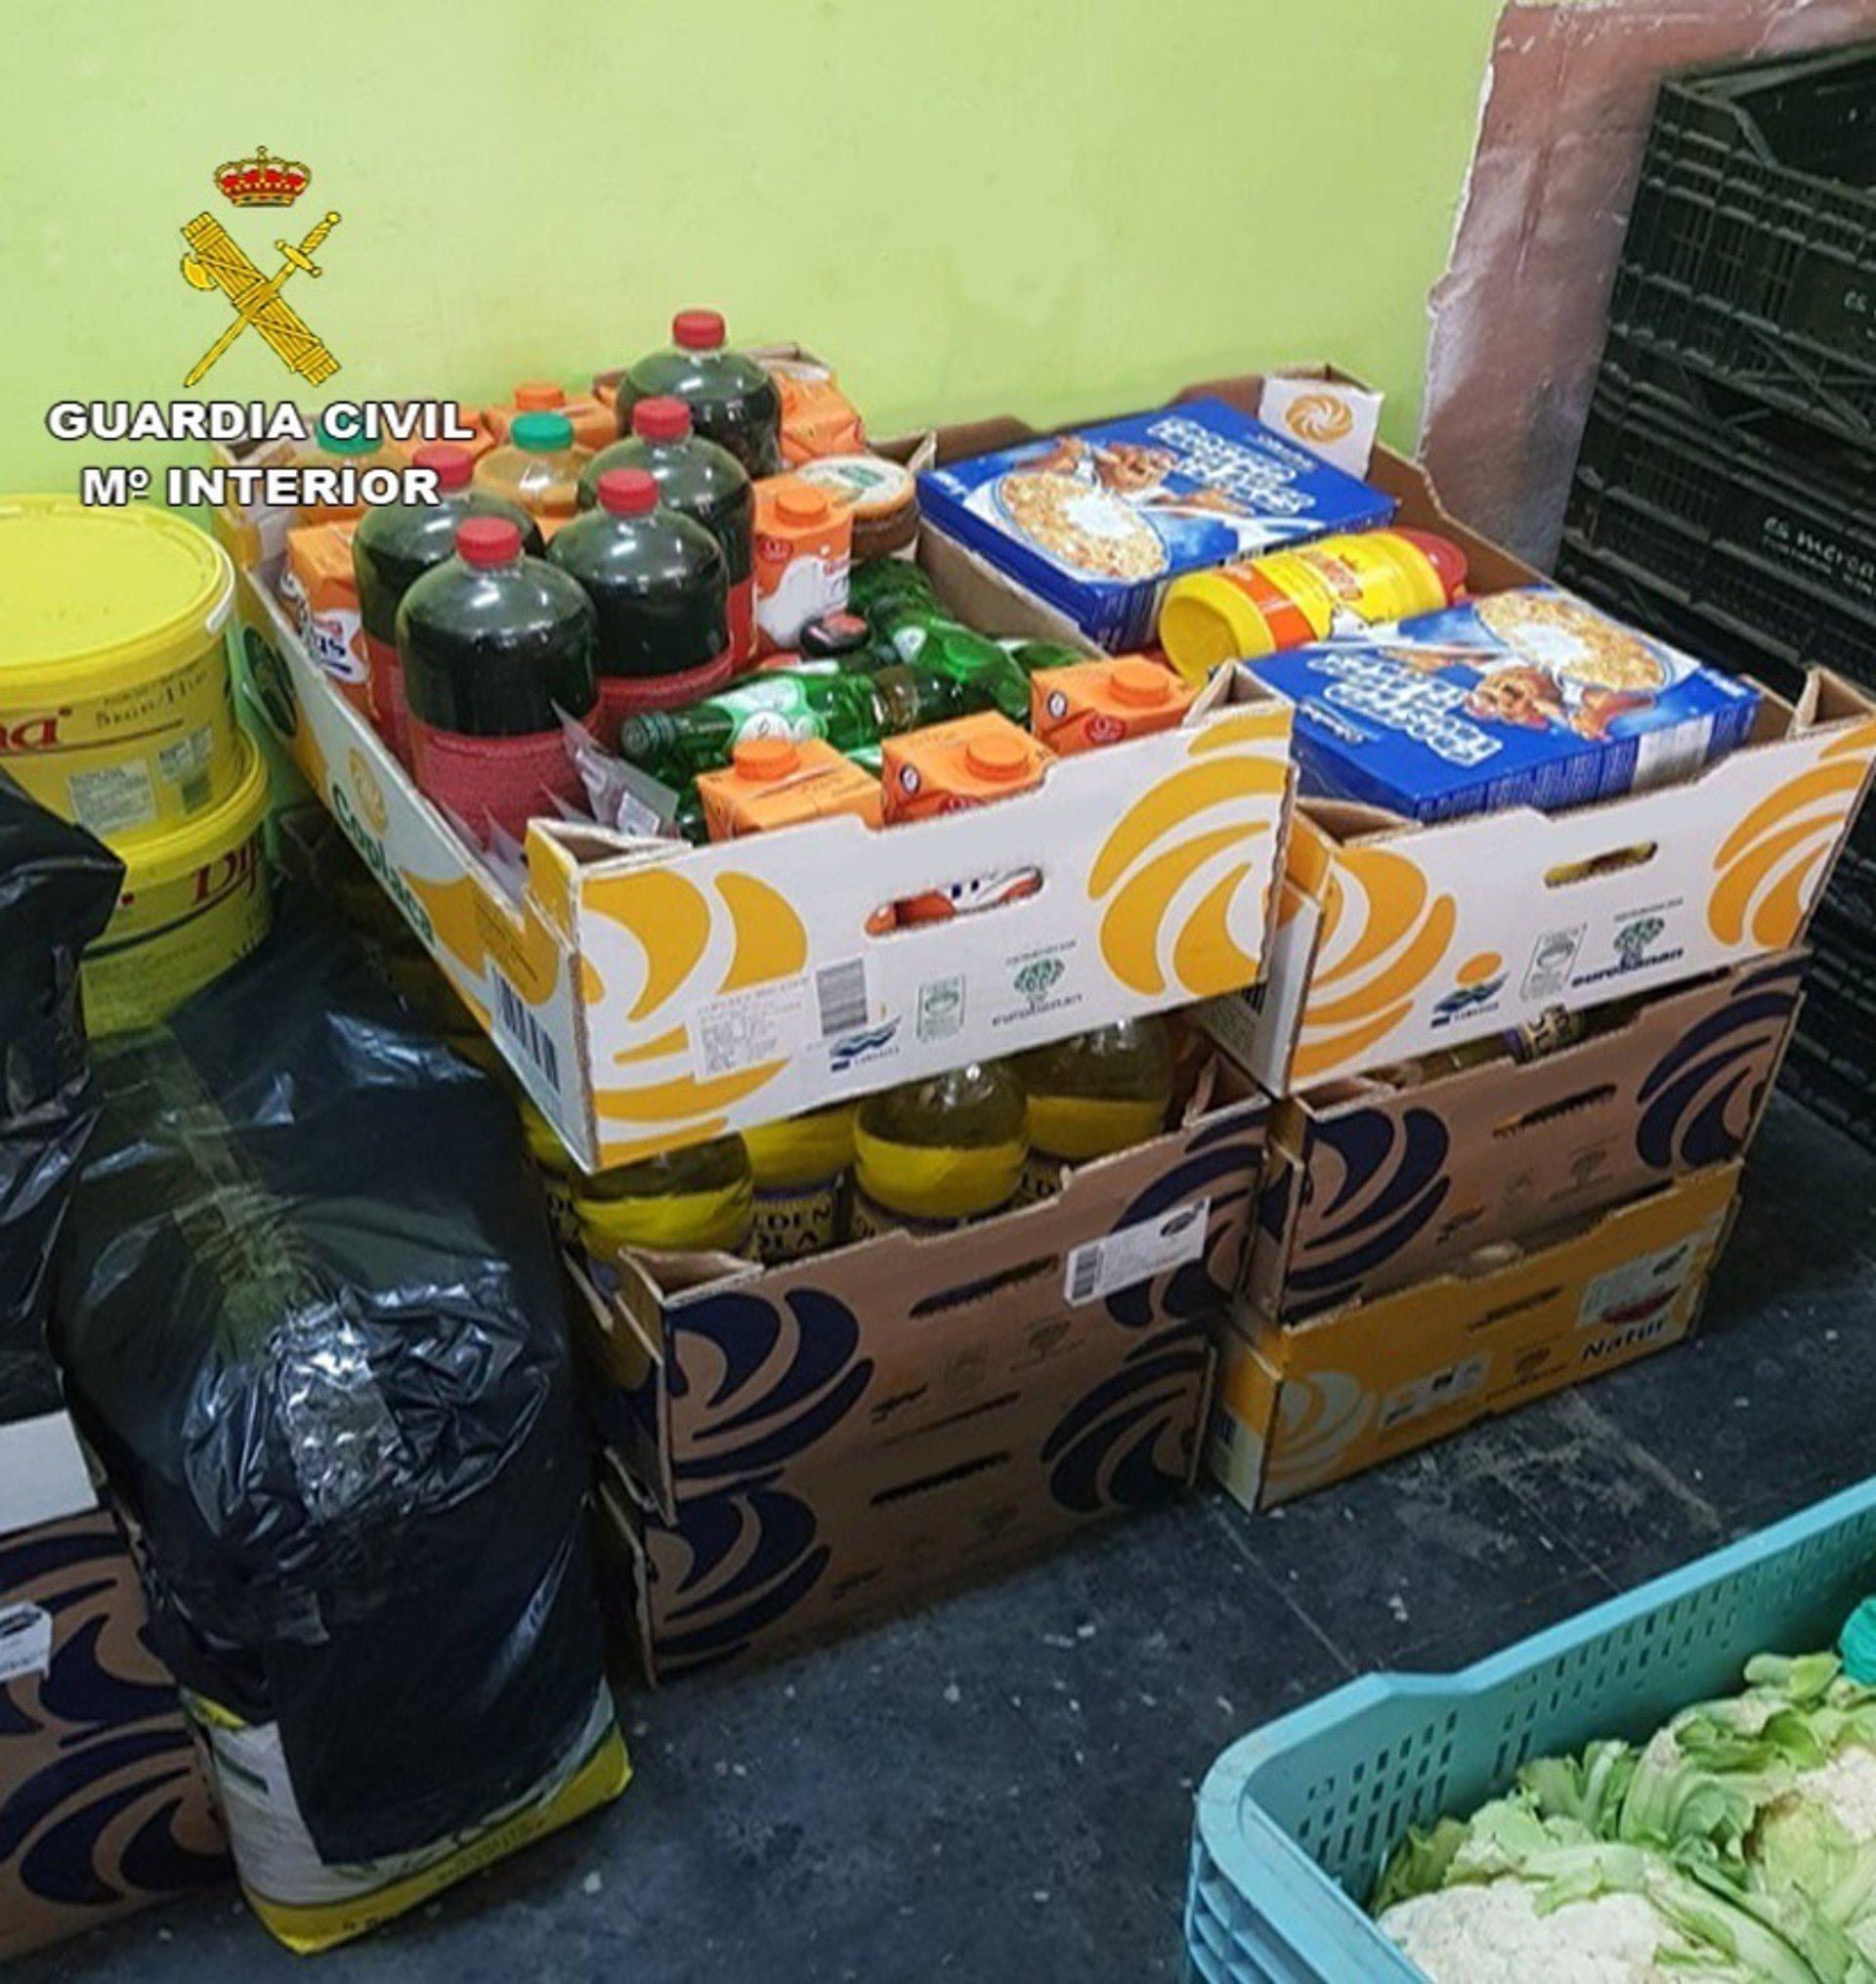 Intervenidos 635 productos alimenticios caducados en comercios de Palma, Calvià y Llucmajor